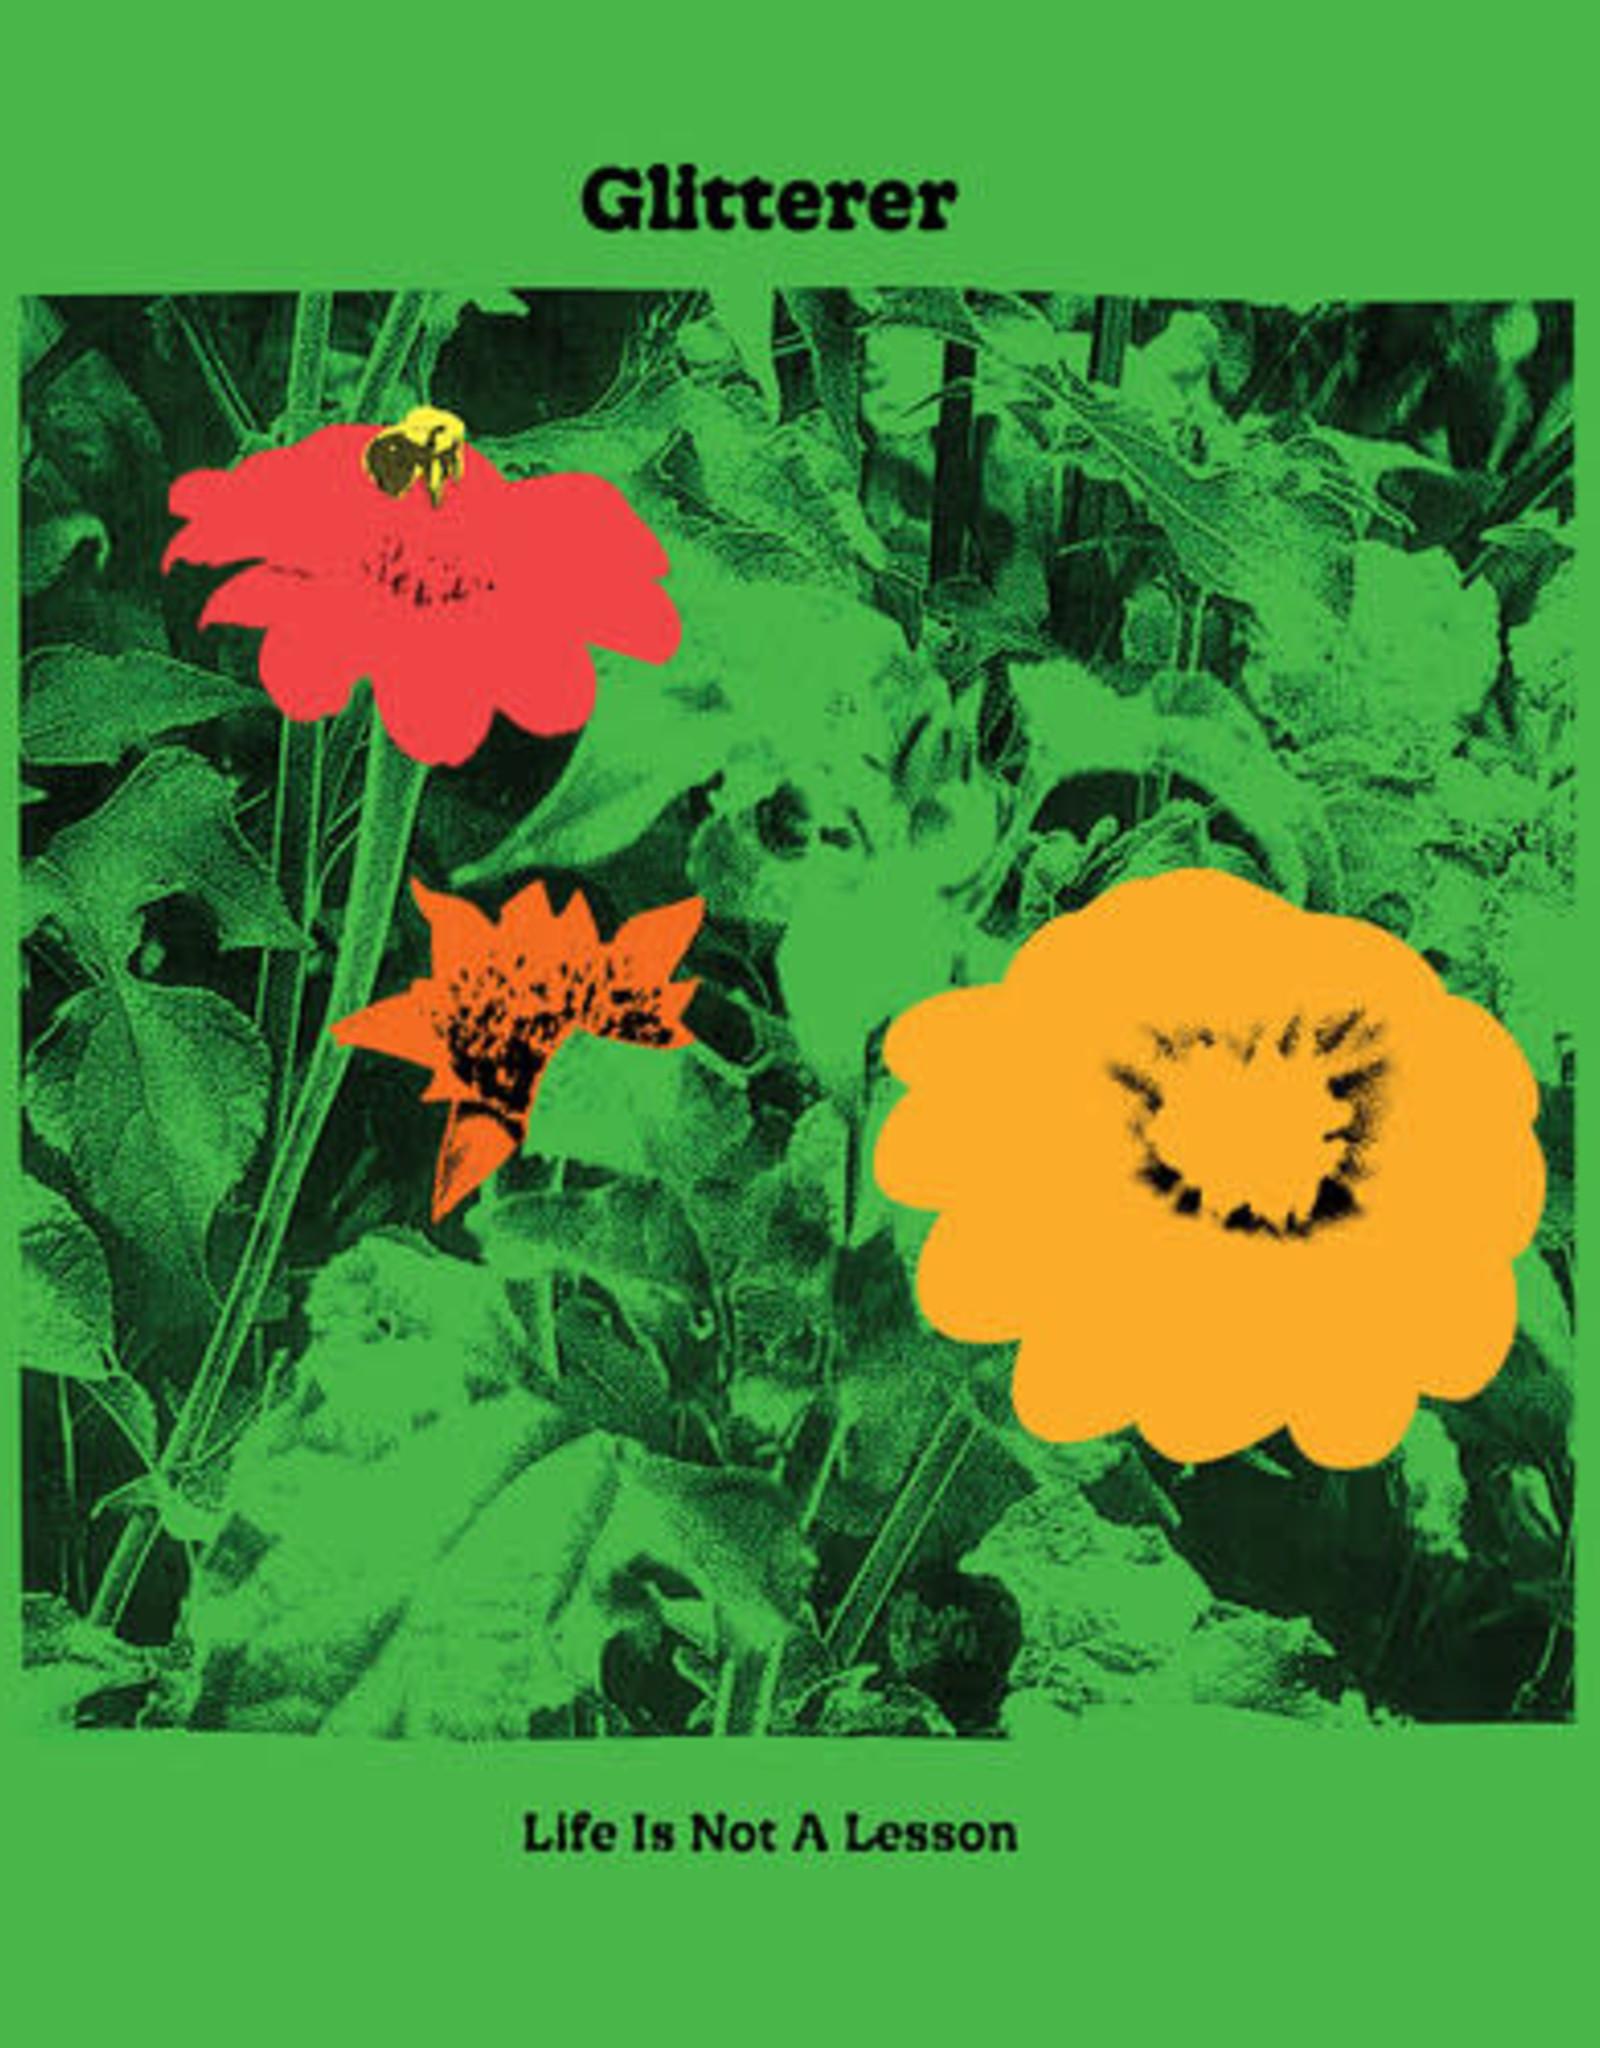 Glitterer - Life Is Not A Lesson (Green Vinyl)